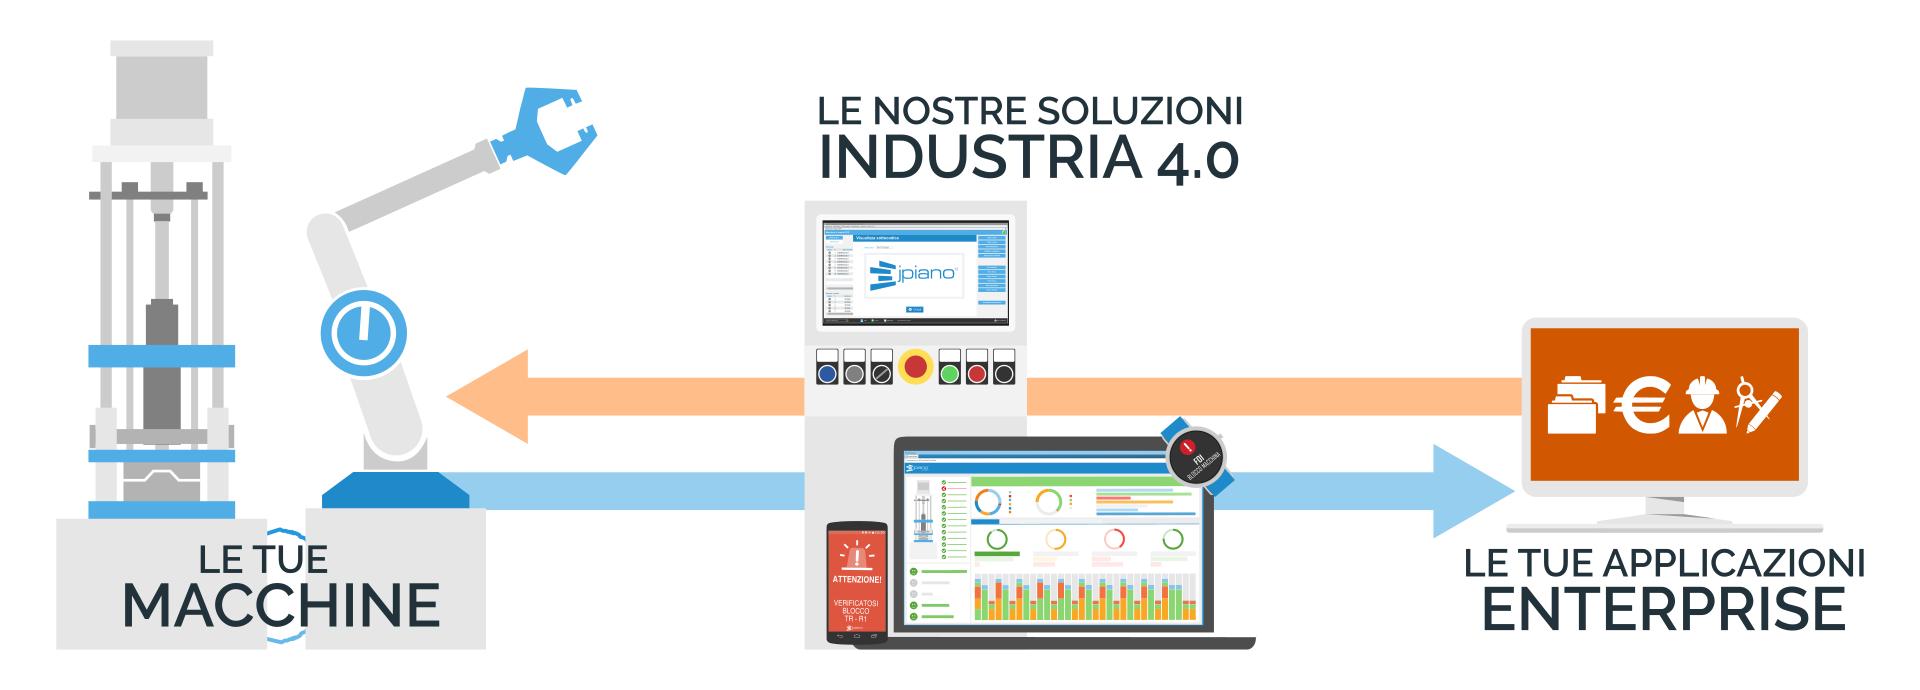 AEC Soluzioni Industria 4.0